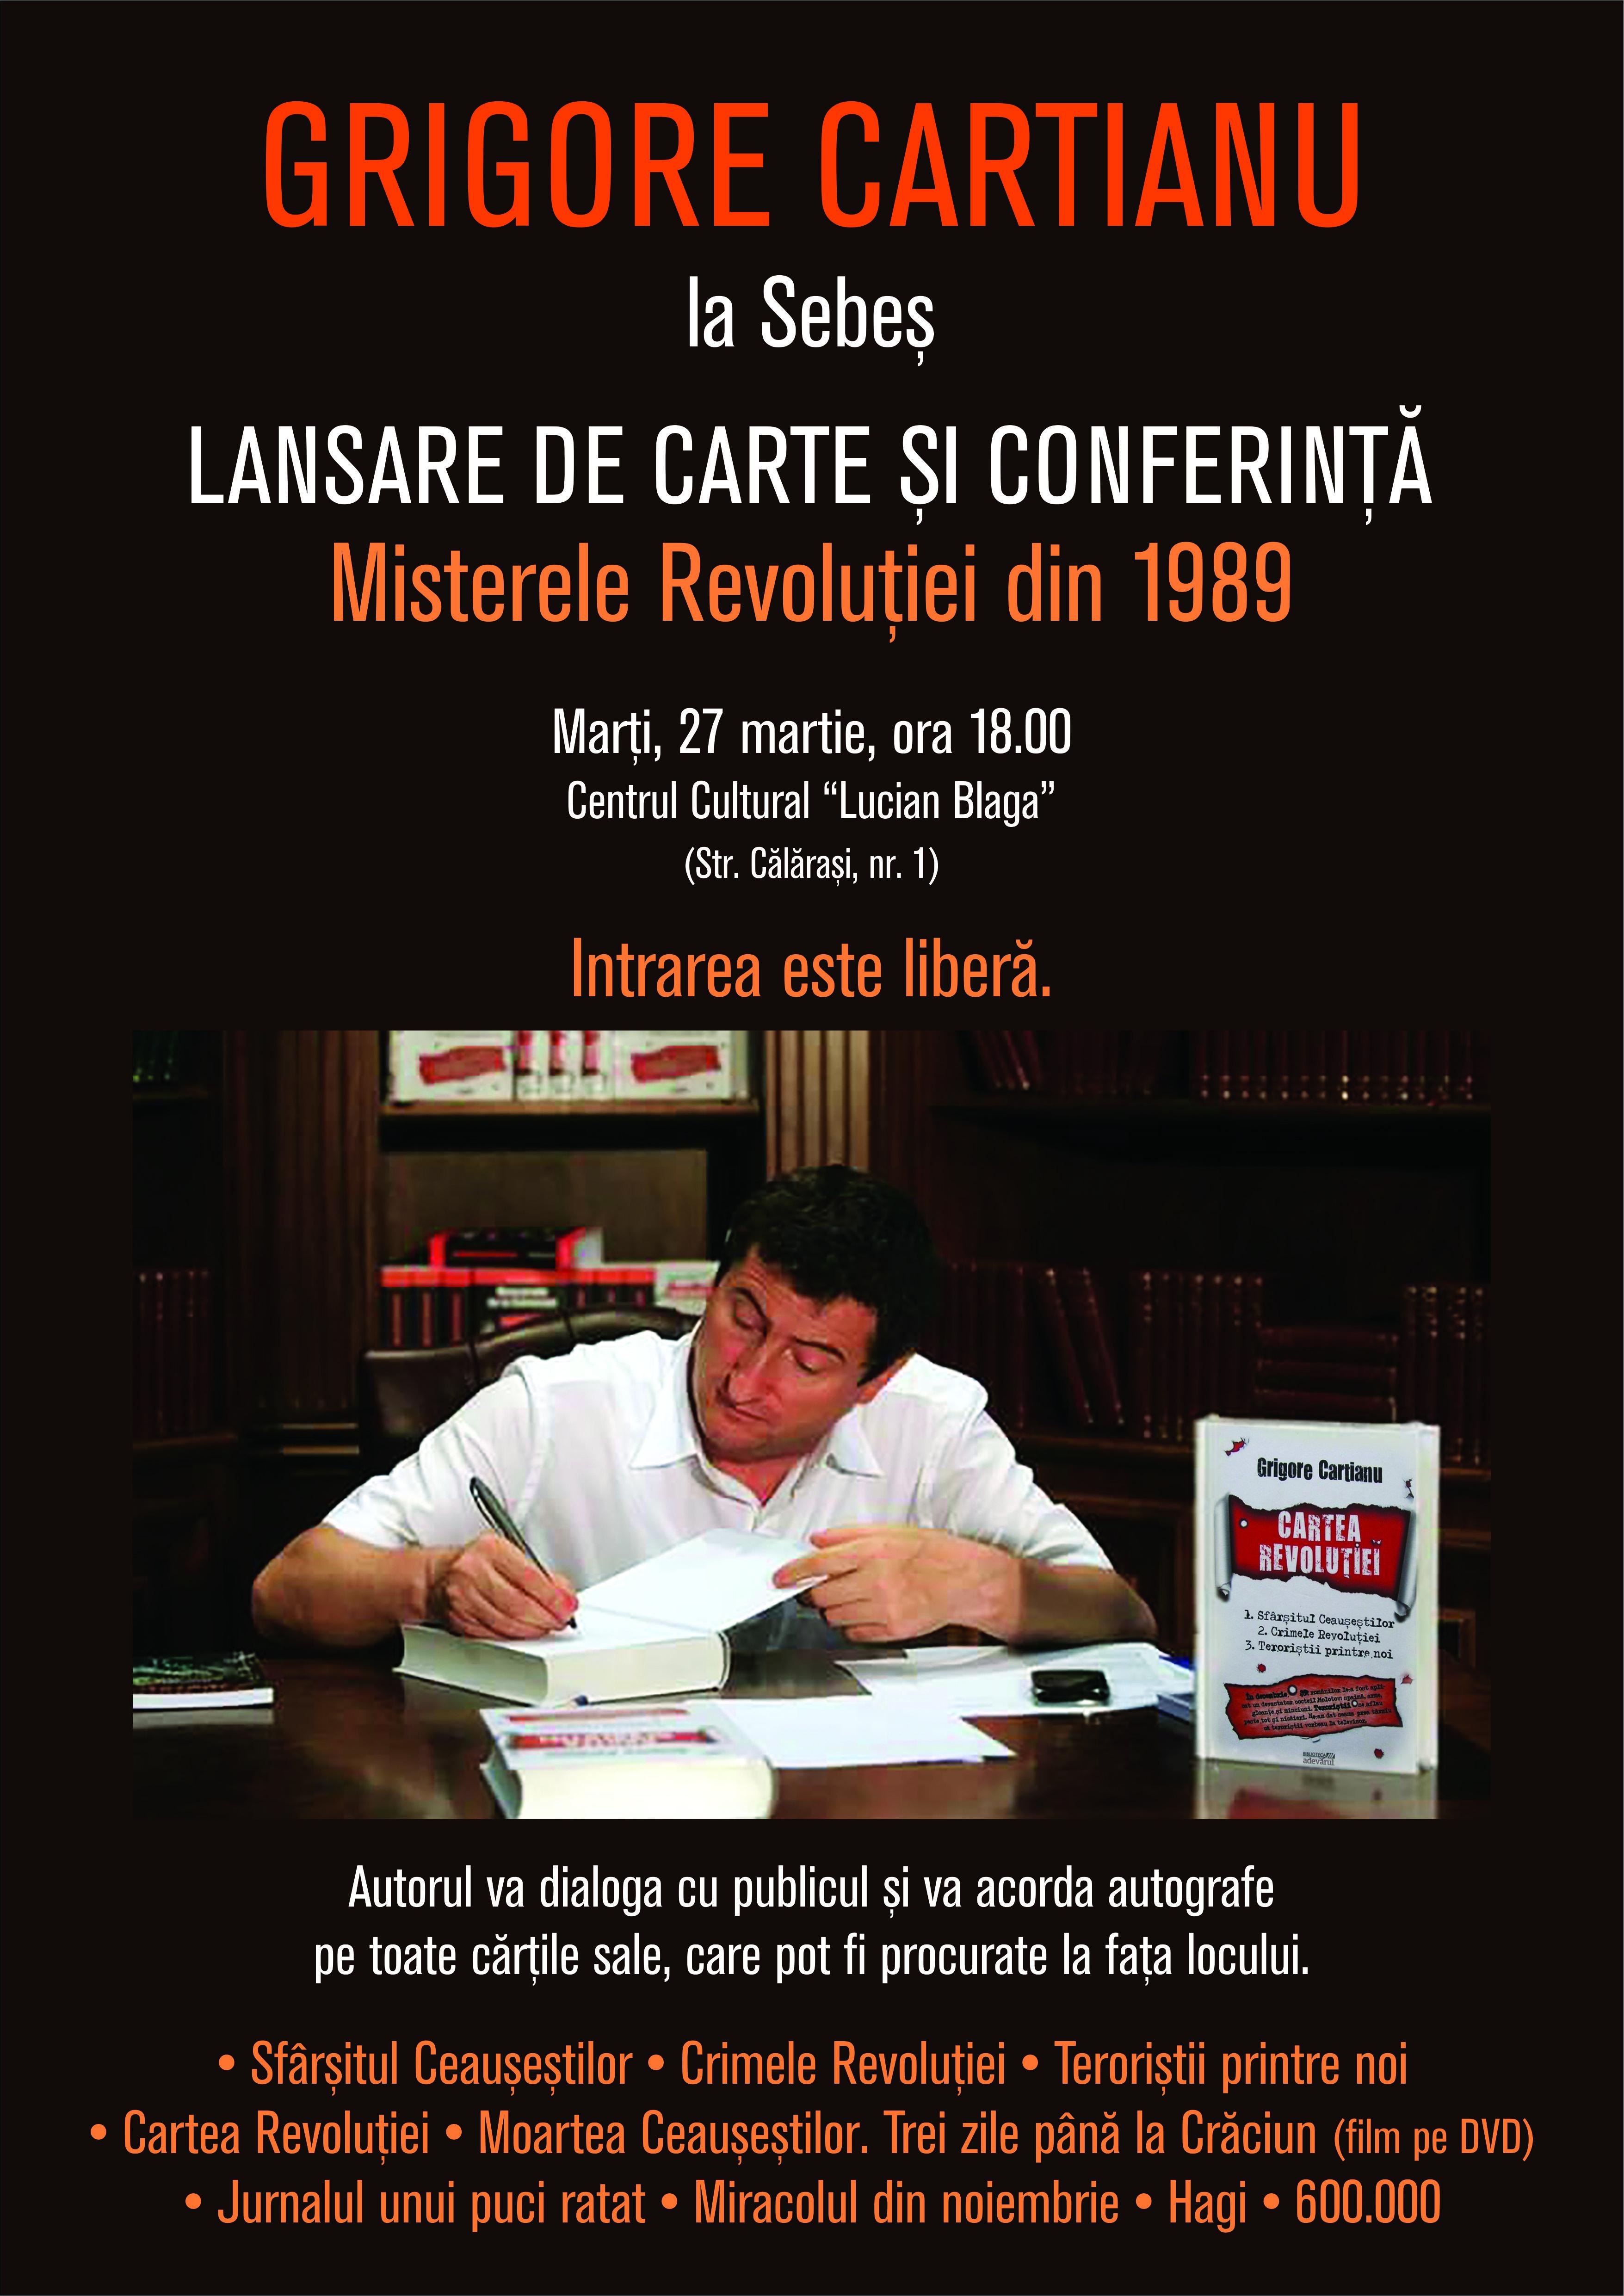 """Grigore Cartianu își va lansa cărțile la Centrul Cultural """"Lucian Blaga"""" Sebeș, unde va vorbi despre """"Crimele Revoluției Române"""""""